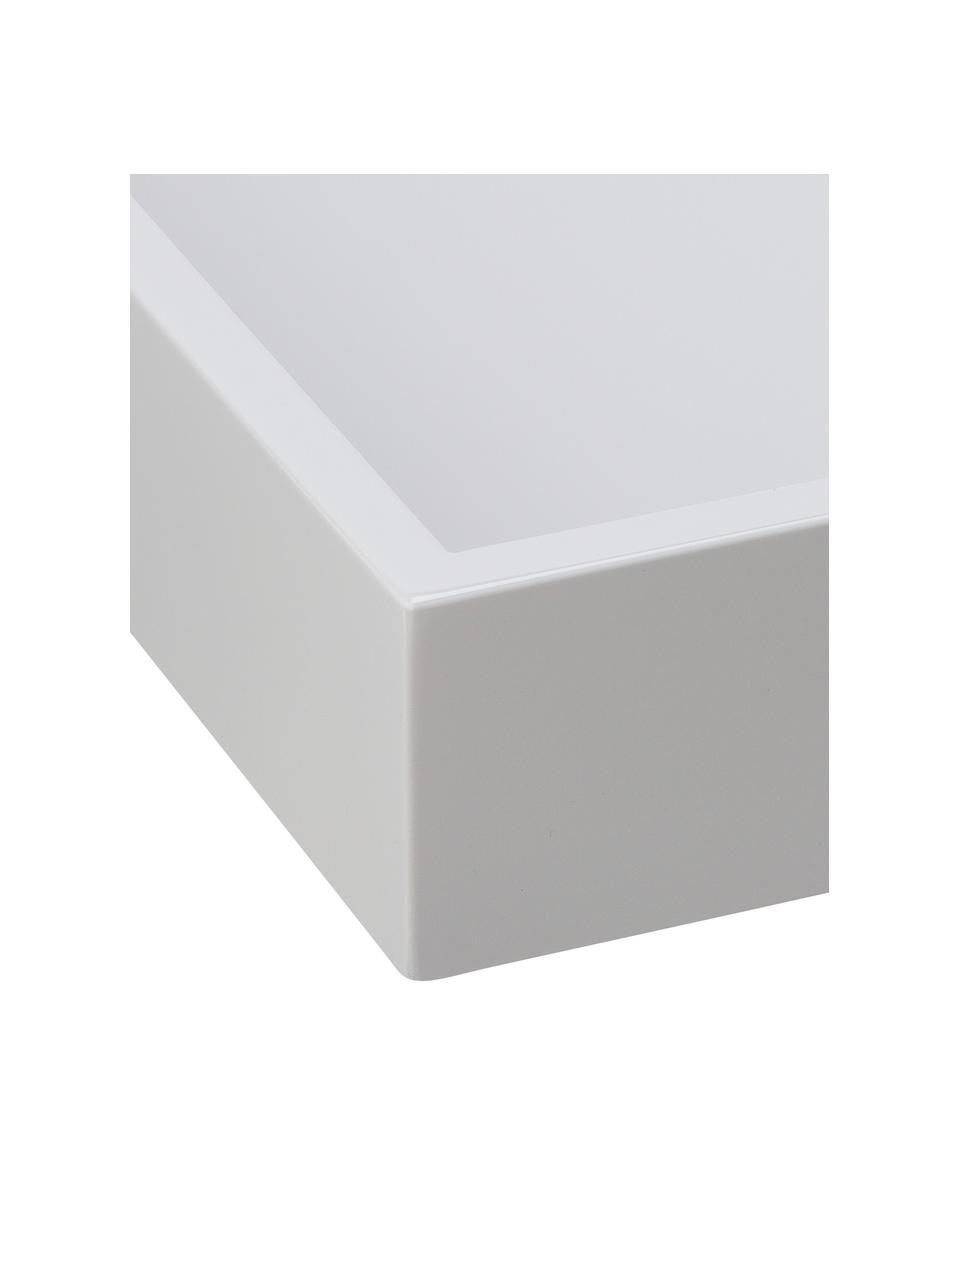 Taca z wysokim połyskiem Hayley, Jasnoszary, spód: jasny szary, D 50 x S 35 cm